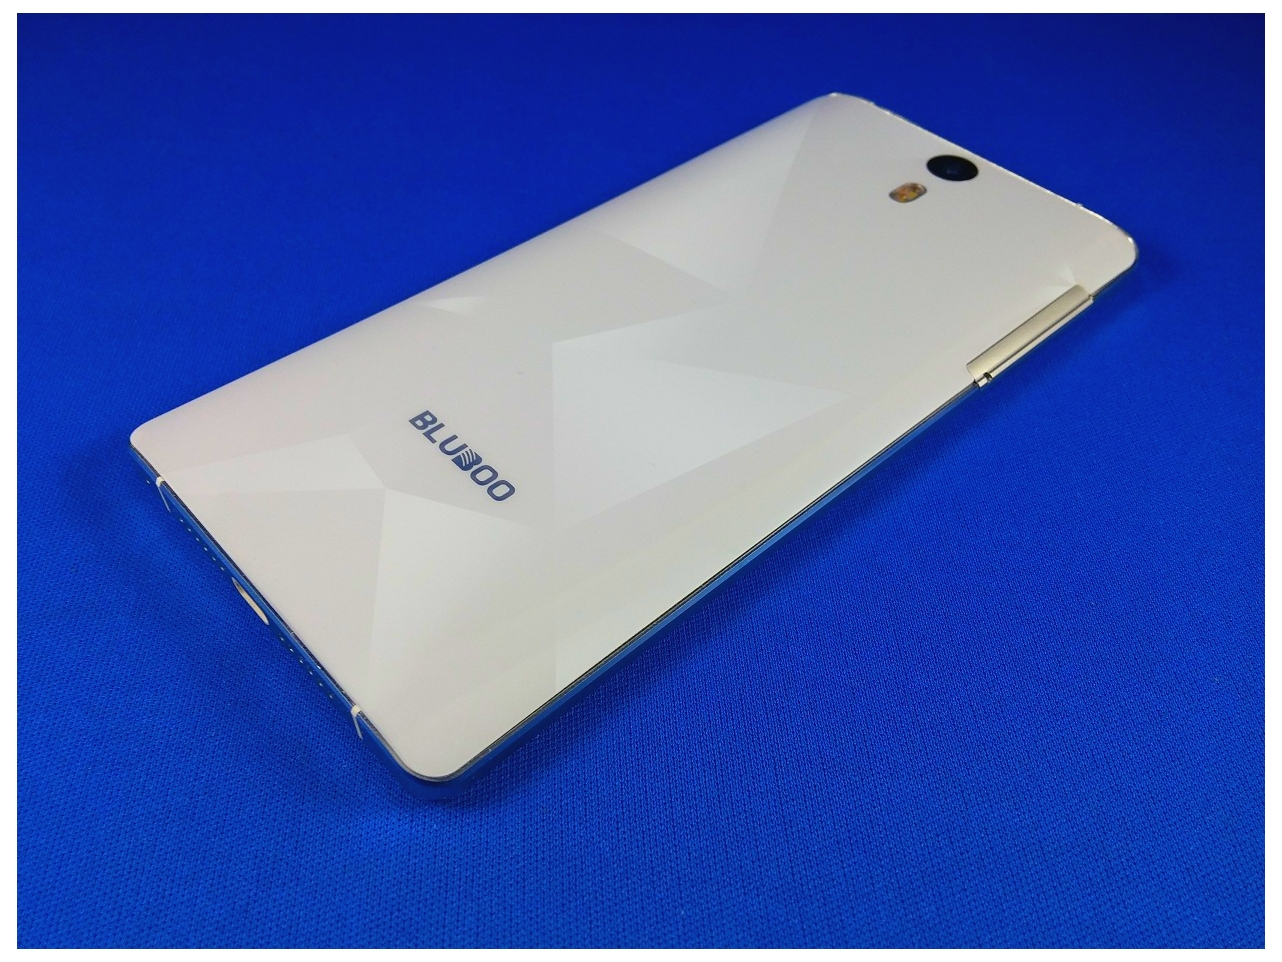 20151202_135424 Review Bluboo Xtouch, 3GB RAM si camera foto de exceptie la 670 lei